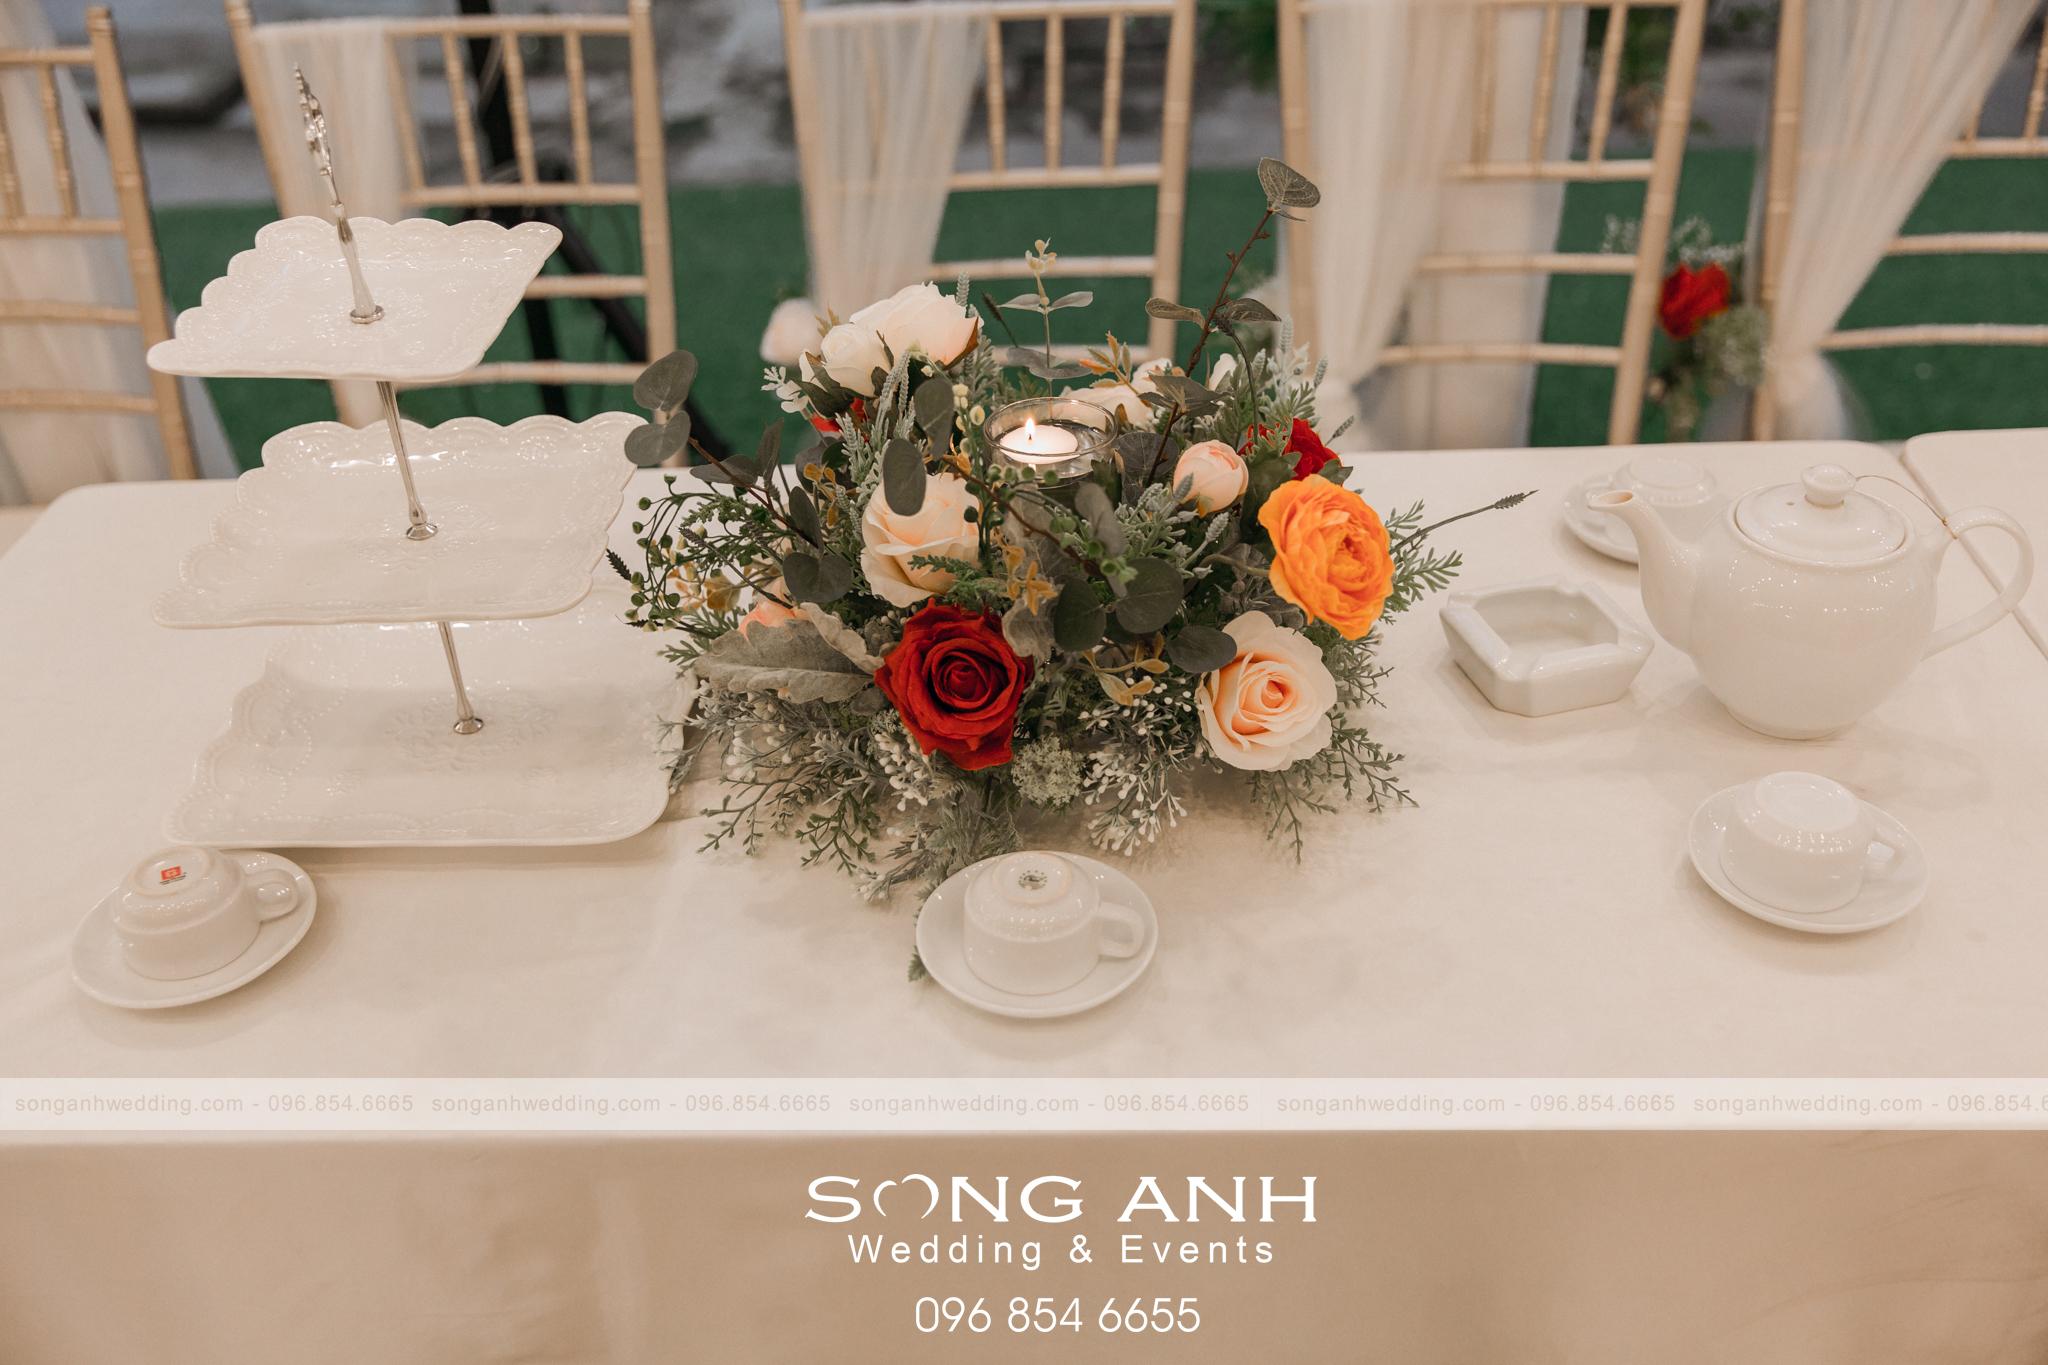 SongAnh-phu-kien-trang-tri-ban-tiec-cuoi